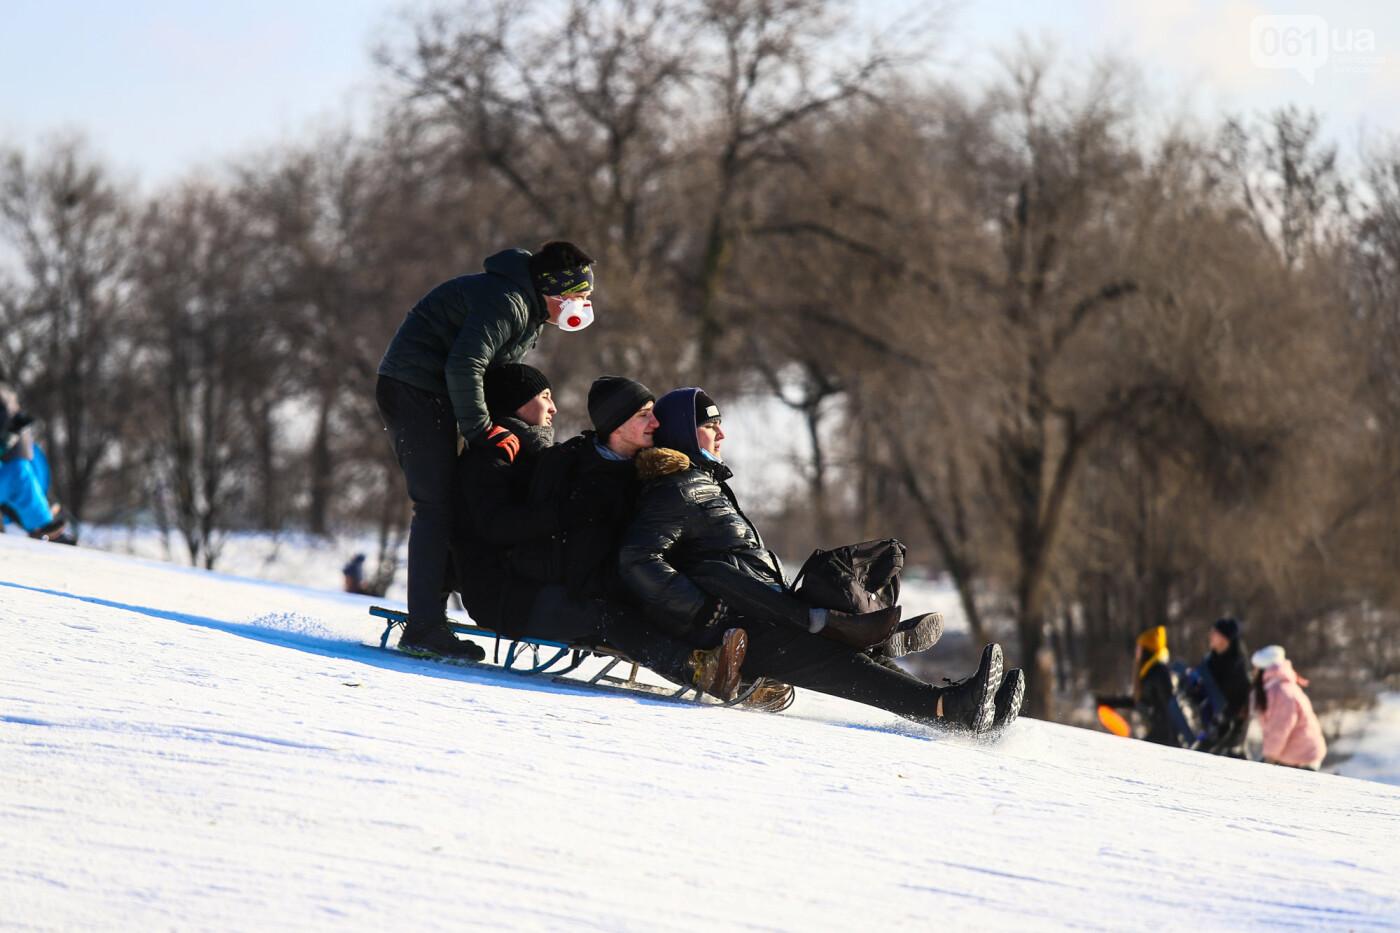 На санках, лыжах и сноуборде: запорожцы устроили массовое катание с горок в Вознесеновском парке, - ФОТОРЕПОРТАЖ, фото-76